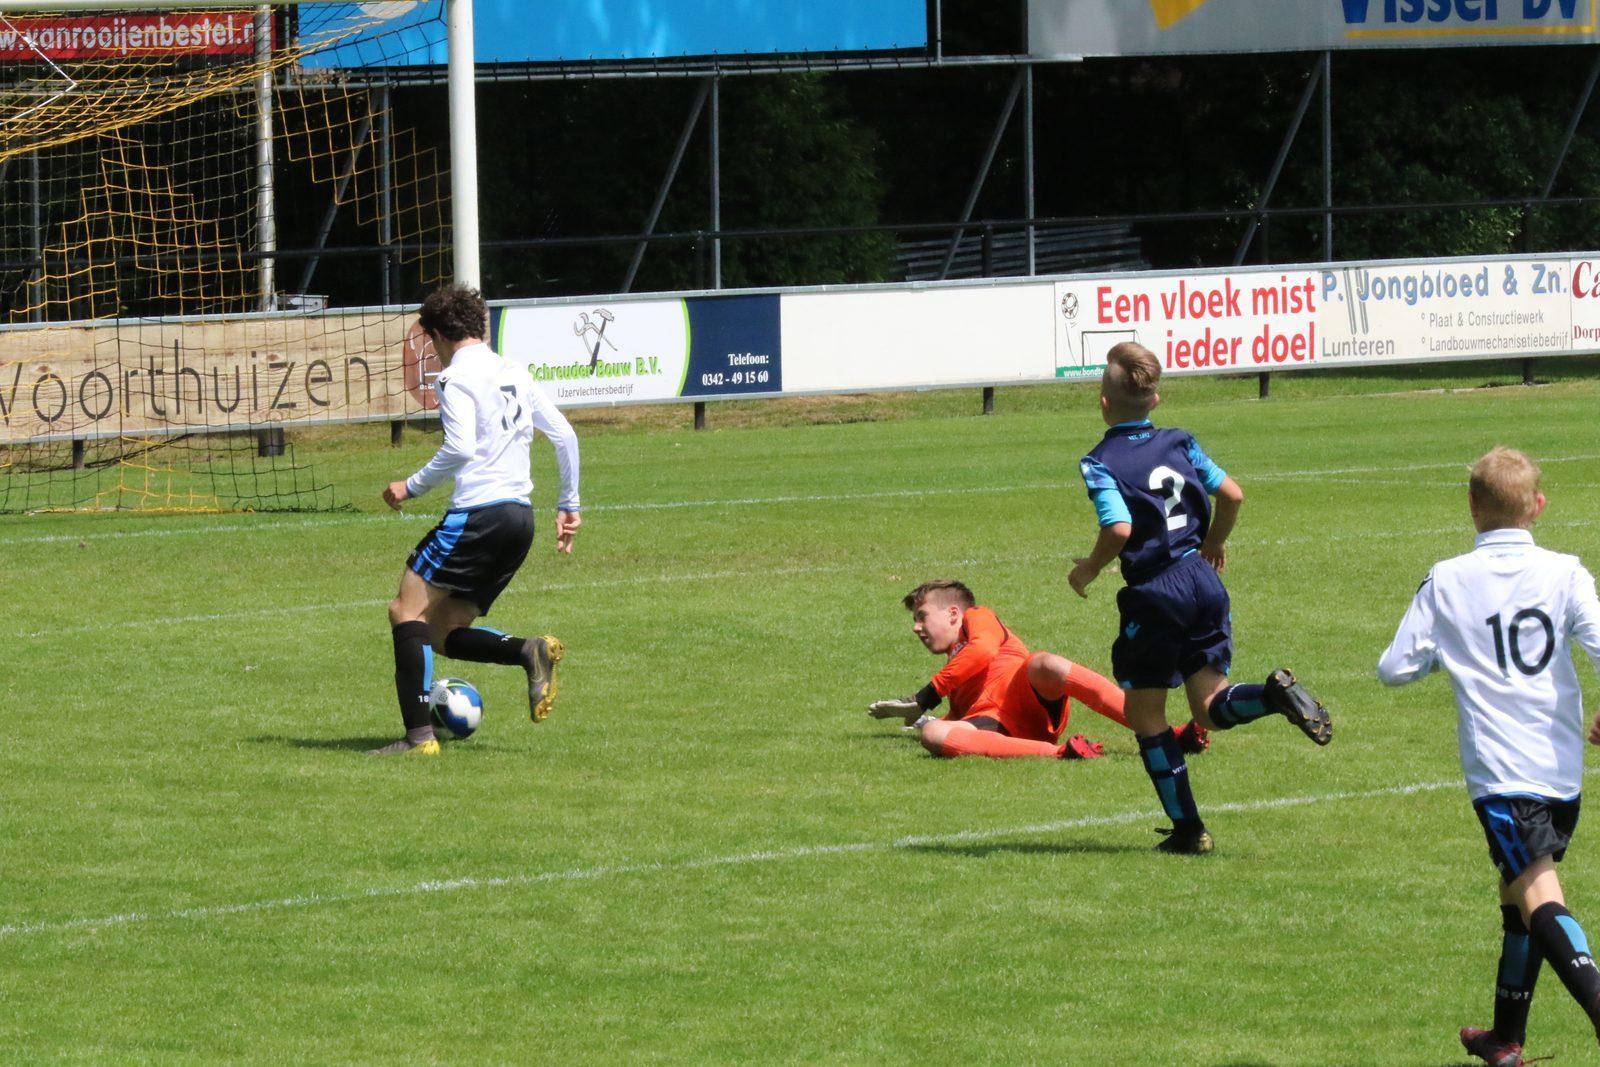 Le tournoi de football moins de 14 ans de TopParken remporte un franc succès!